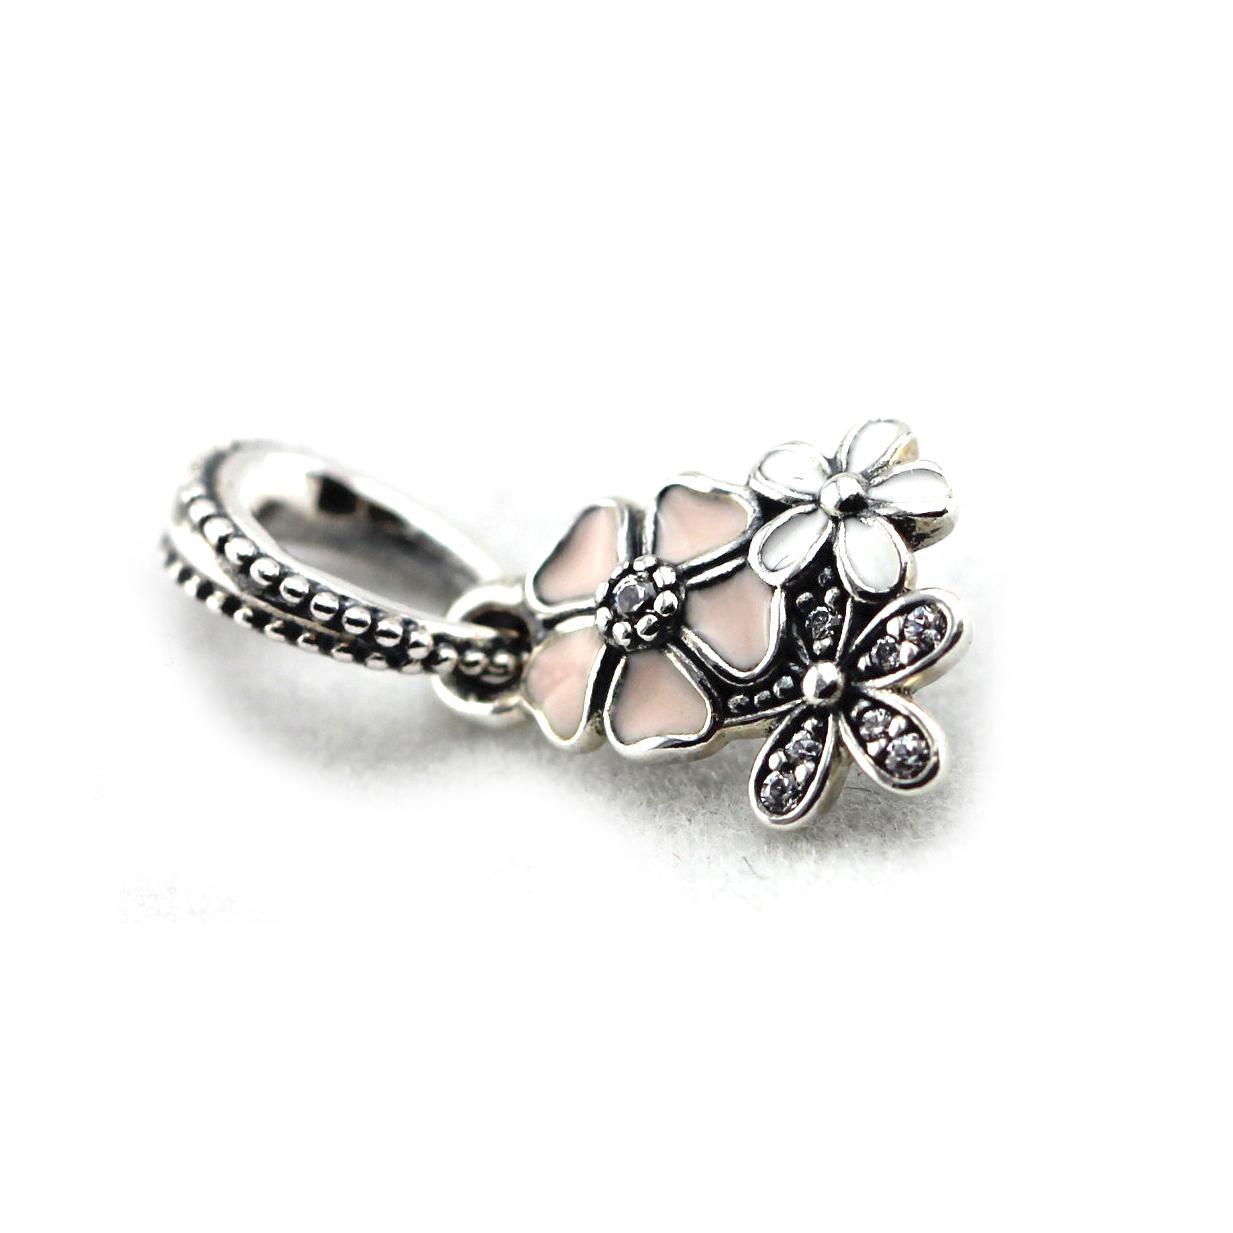 2016 lente nieuwste originele authentieke 925 sterling zilveren kralen poëtische bloemen hanger bedel diy past voor pandora armbanden groothandel 1pc / lot